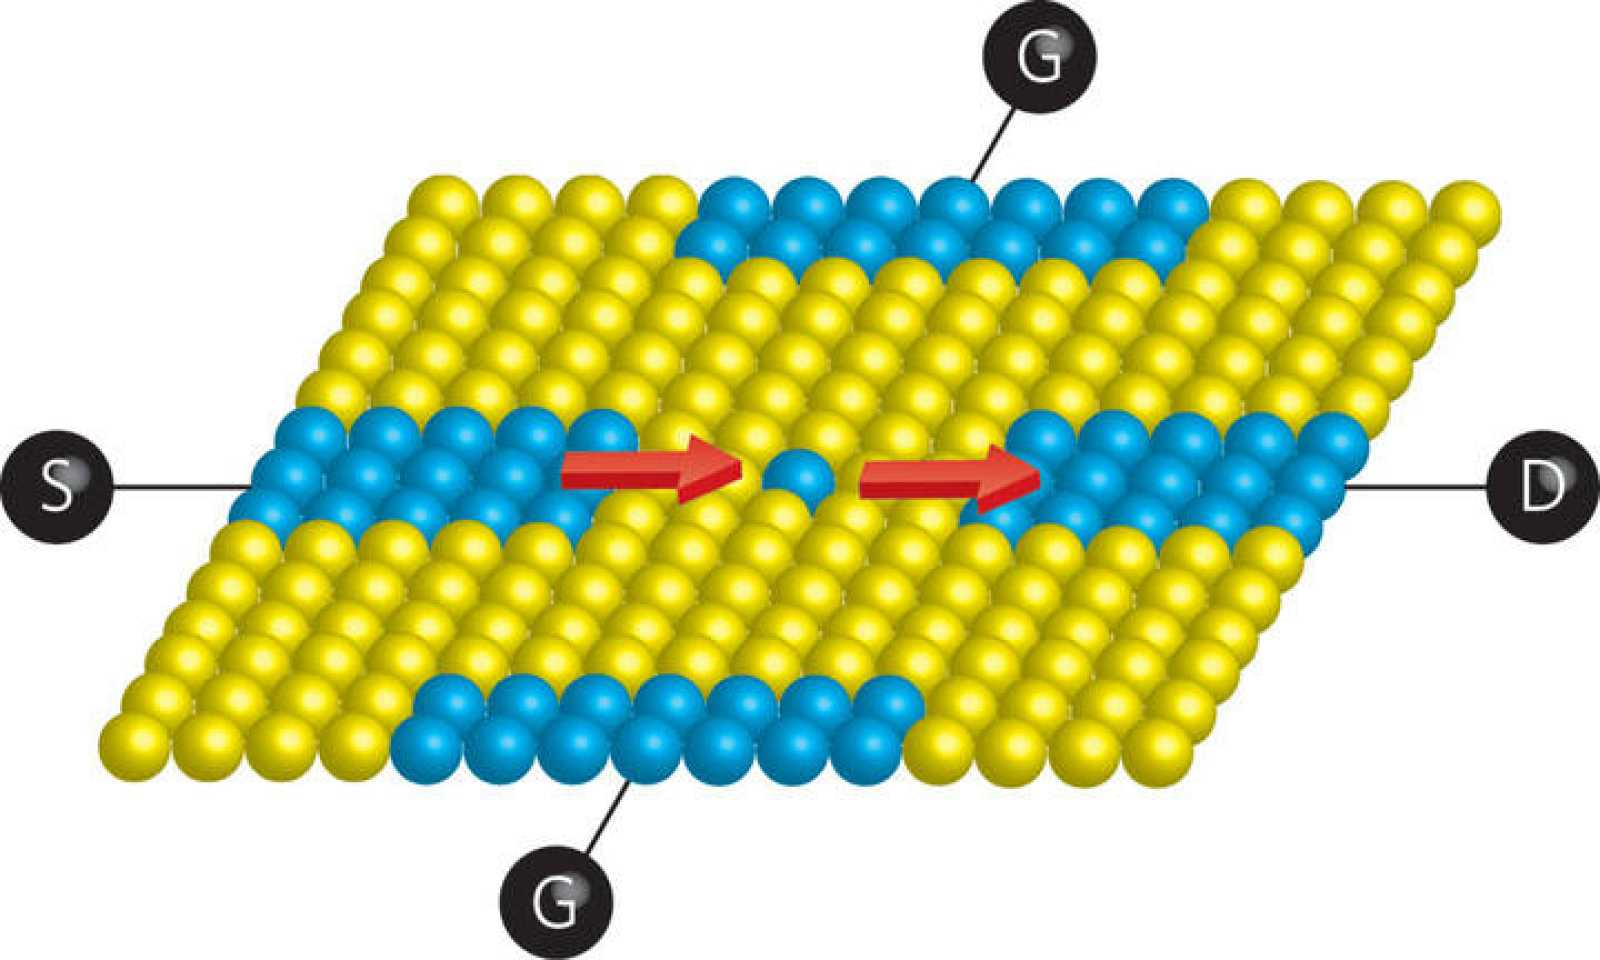 Un átomo de fósforo (esfera azul) colocado con precisión atómica en la superficie de un cristal de silicio (esferas amarillas) entre la fuente metálica